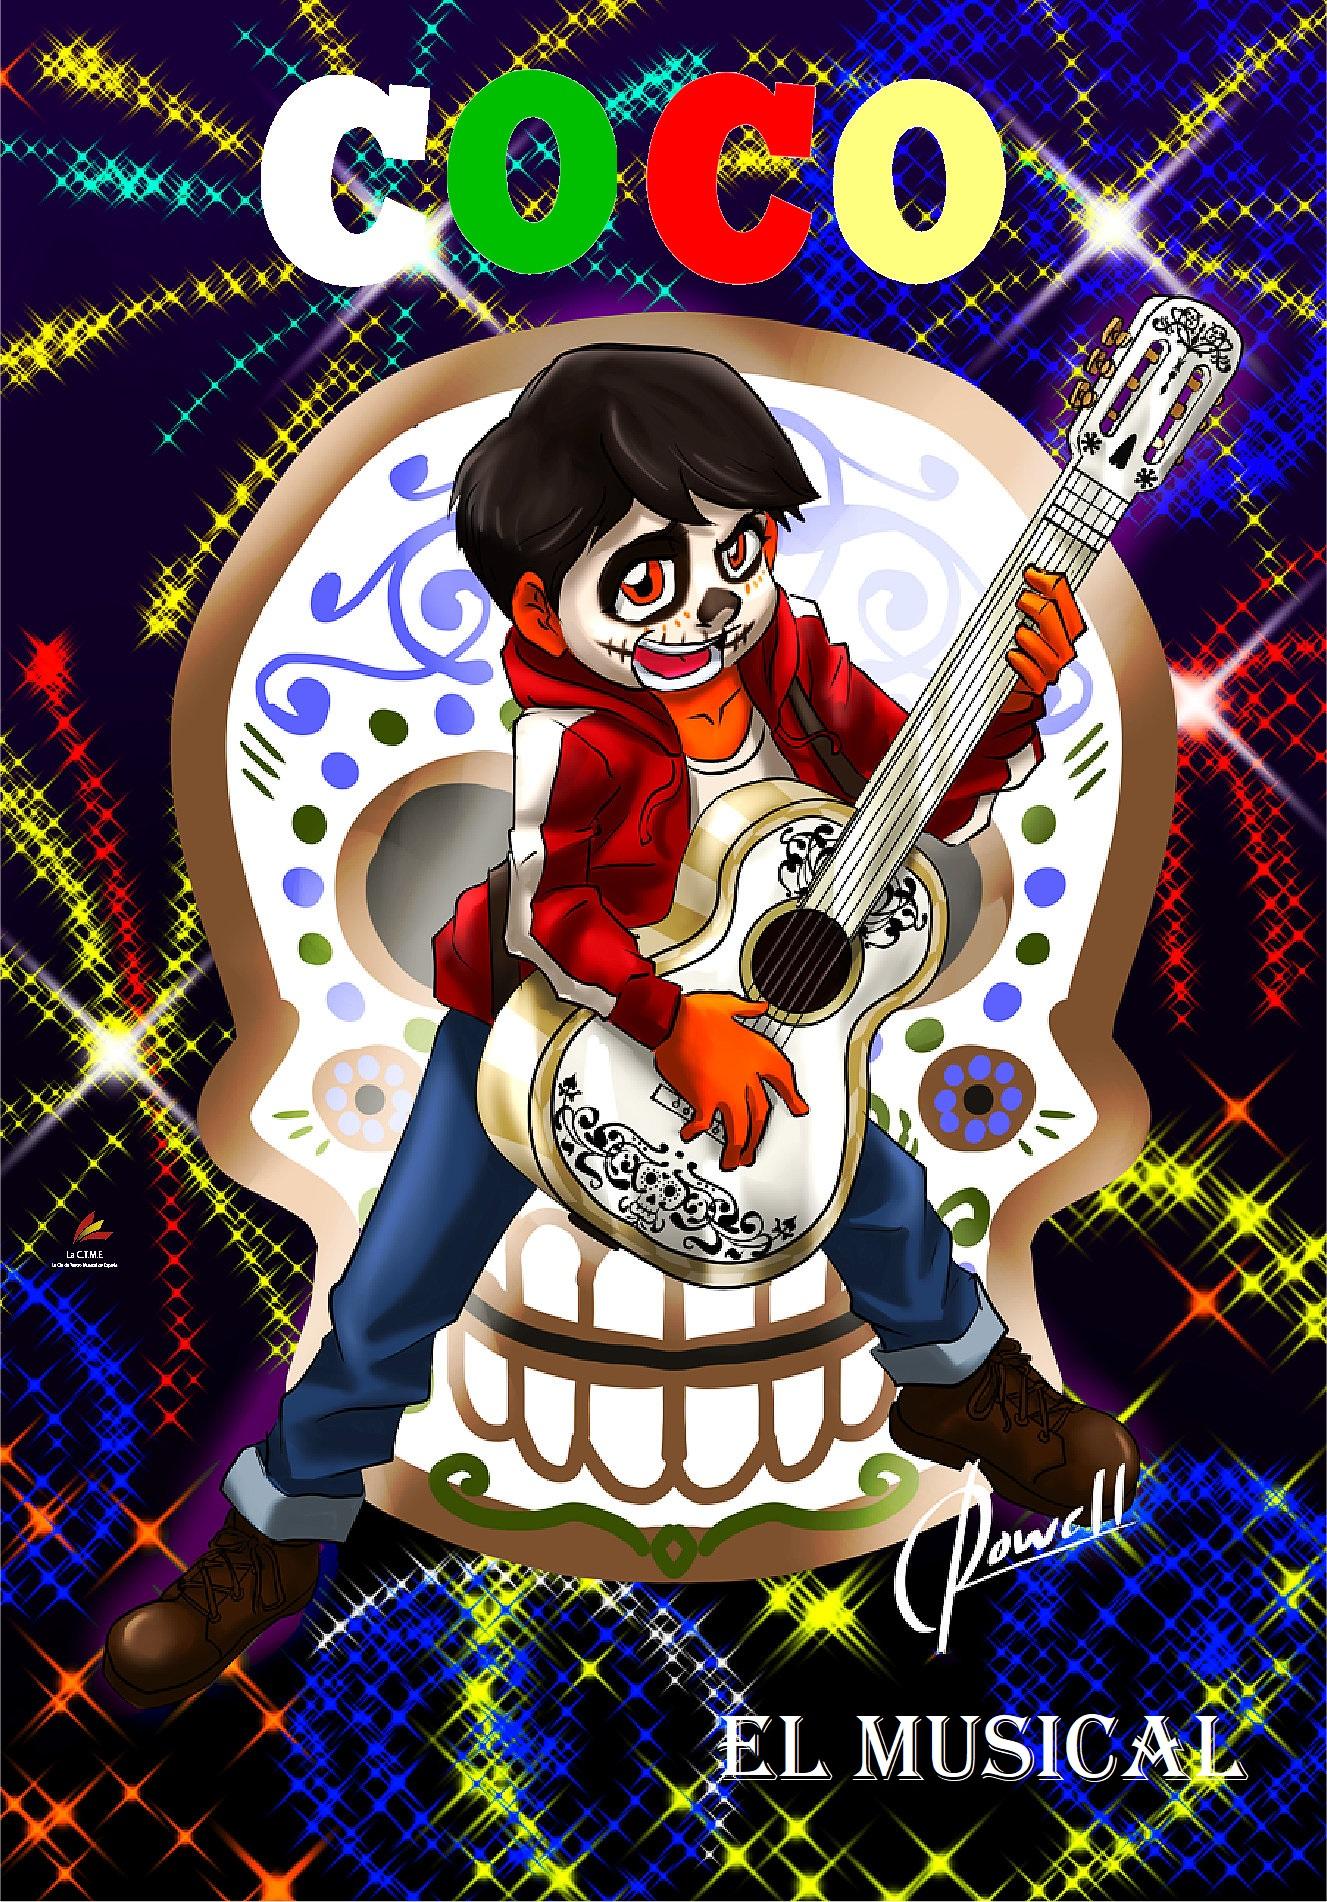 COCO El Musical